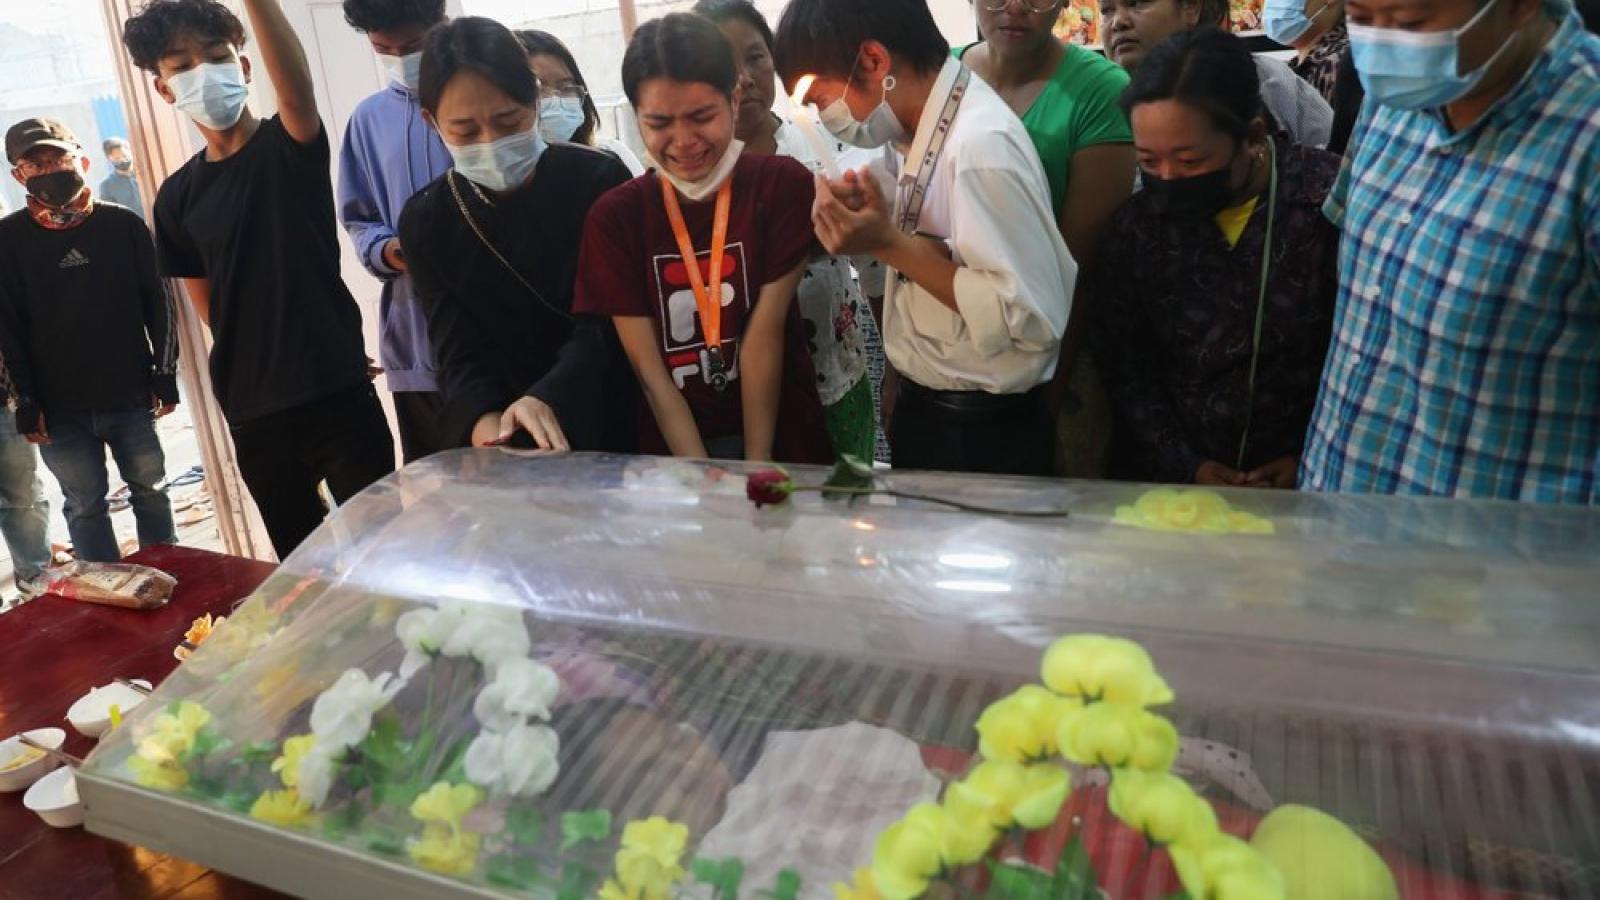 Ám ảnh bức hình nữ sinh viên Myanmar tử vong do bị bắn trúng đầu khi tham gia biểu tình